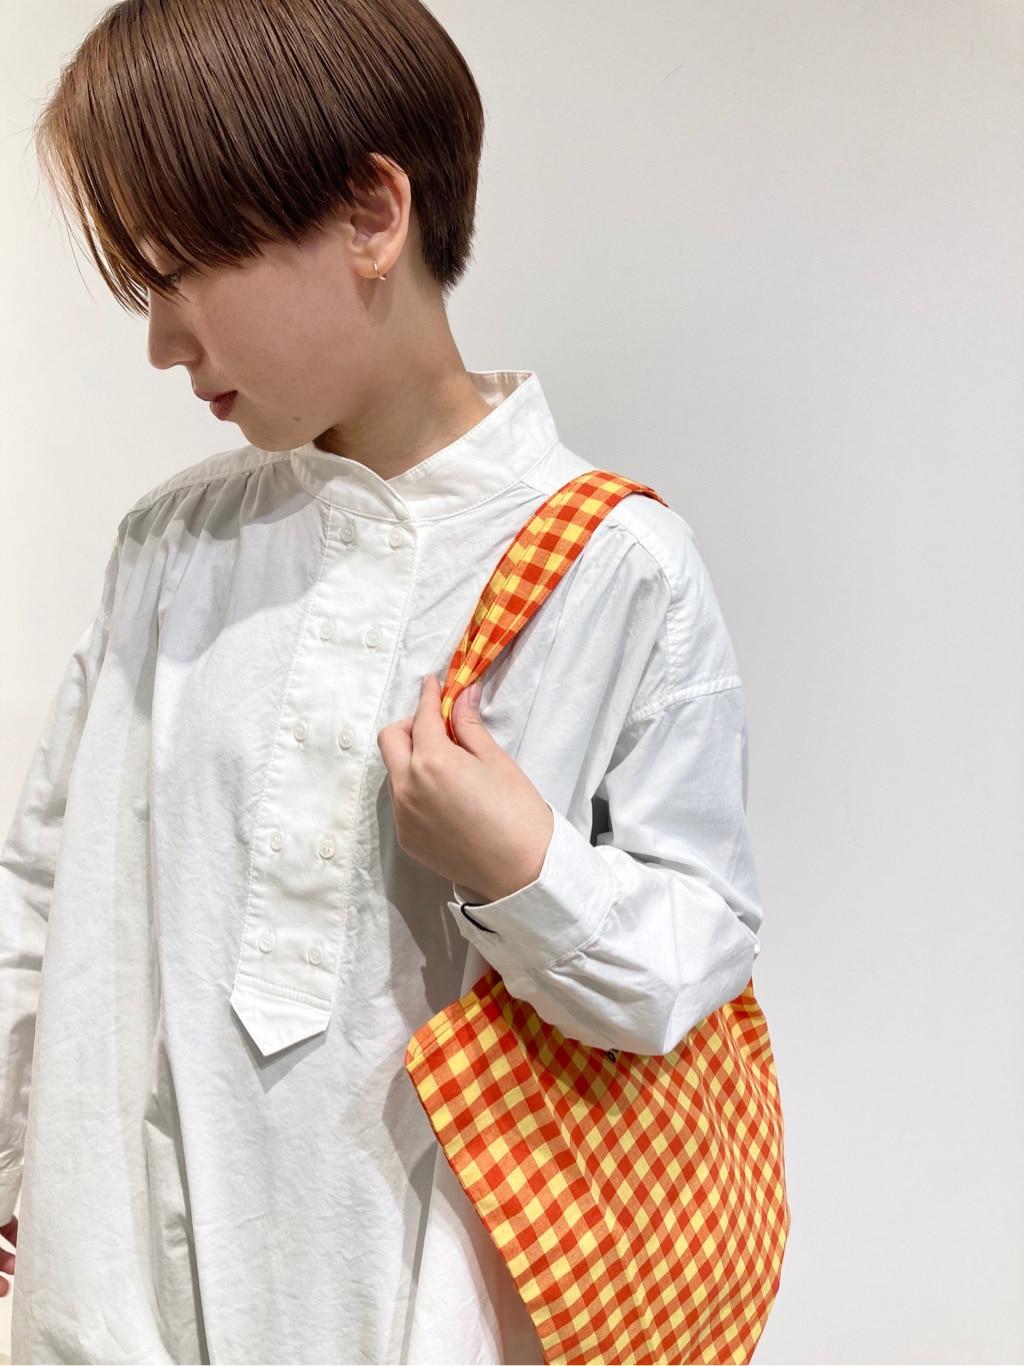 - PAR ICI FLAT AMB 名古屋栄路面 身長:156cm 2021.02.16